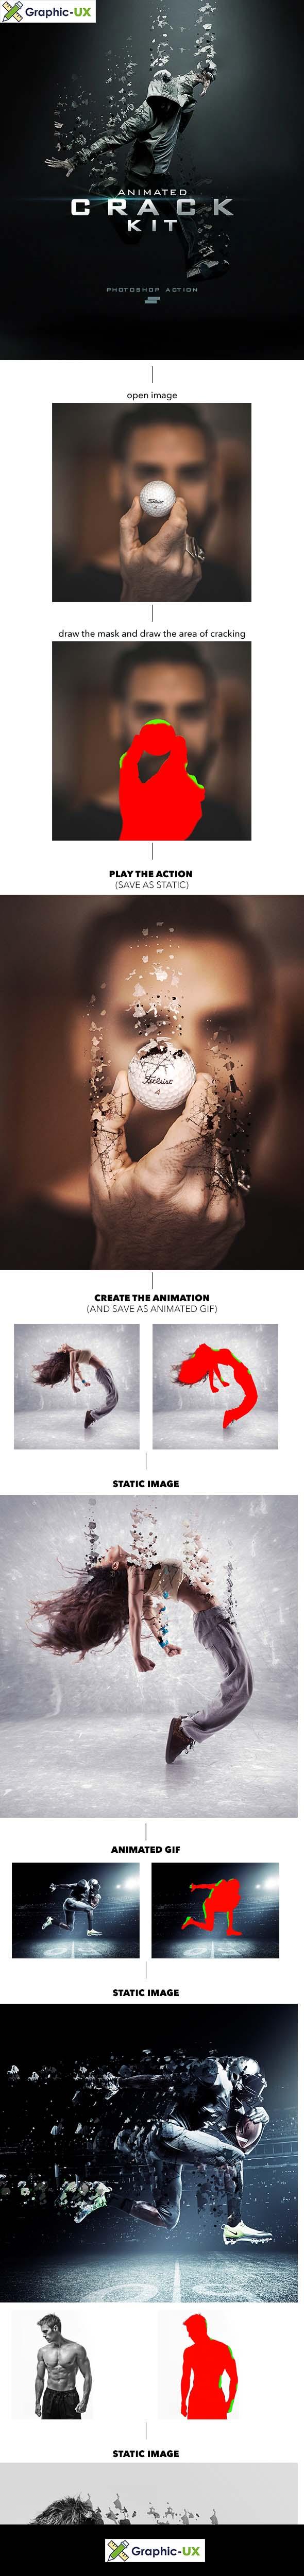 Gif Animated Crack Kit Photoshop Action